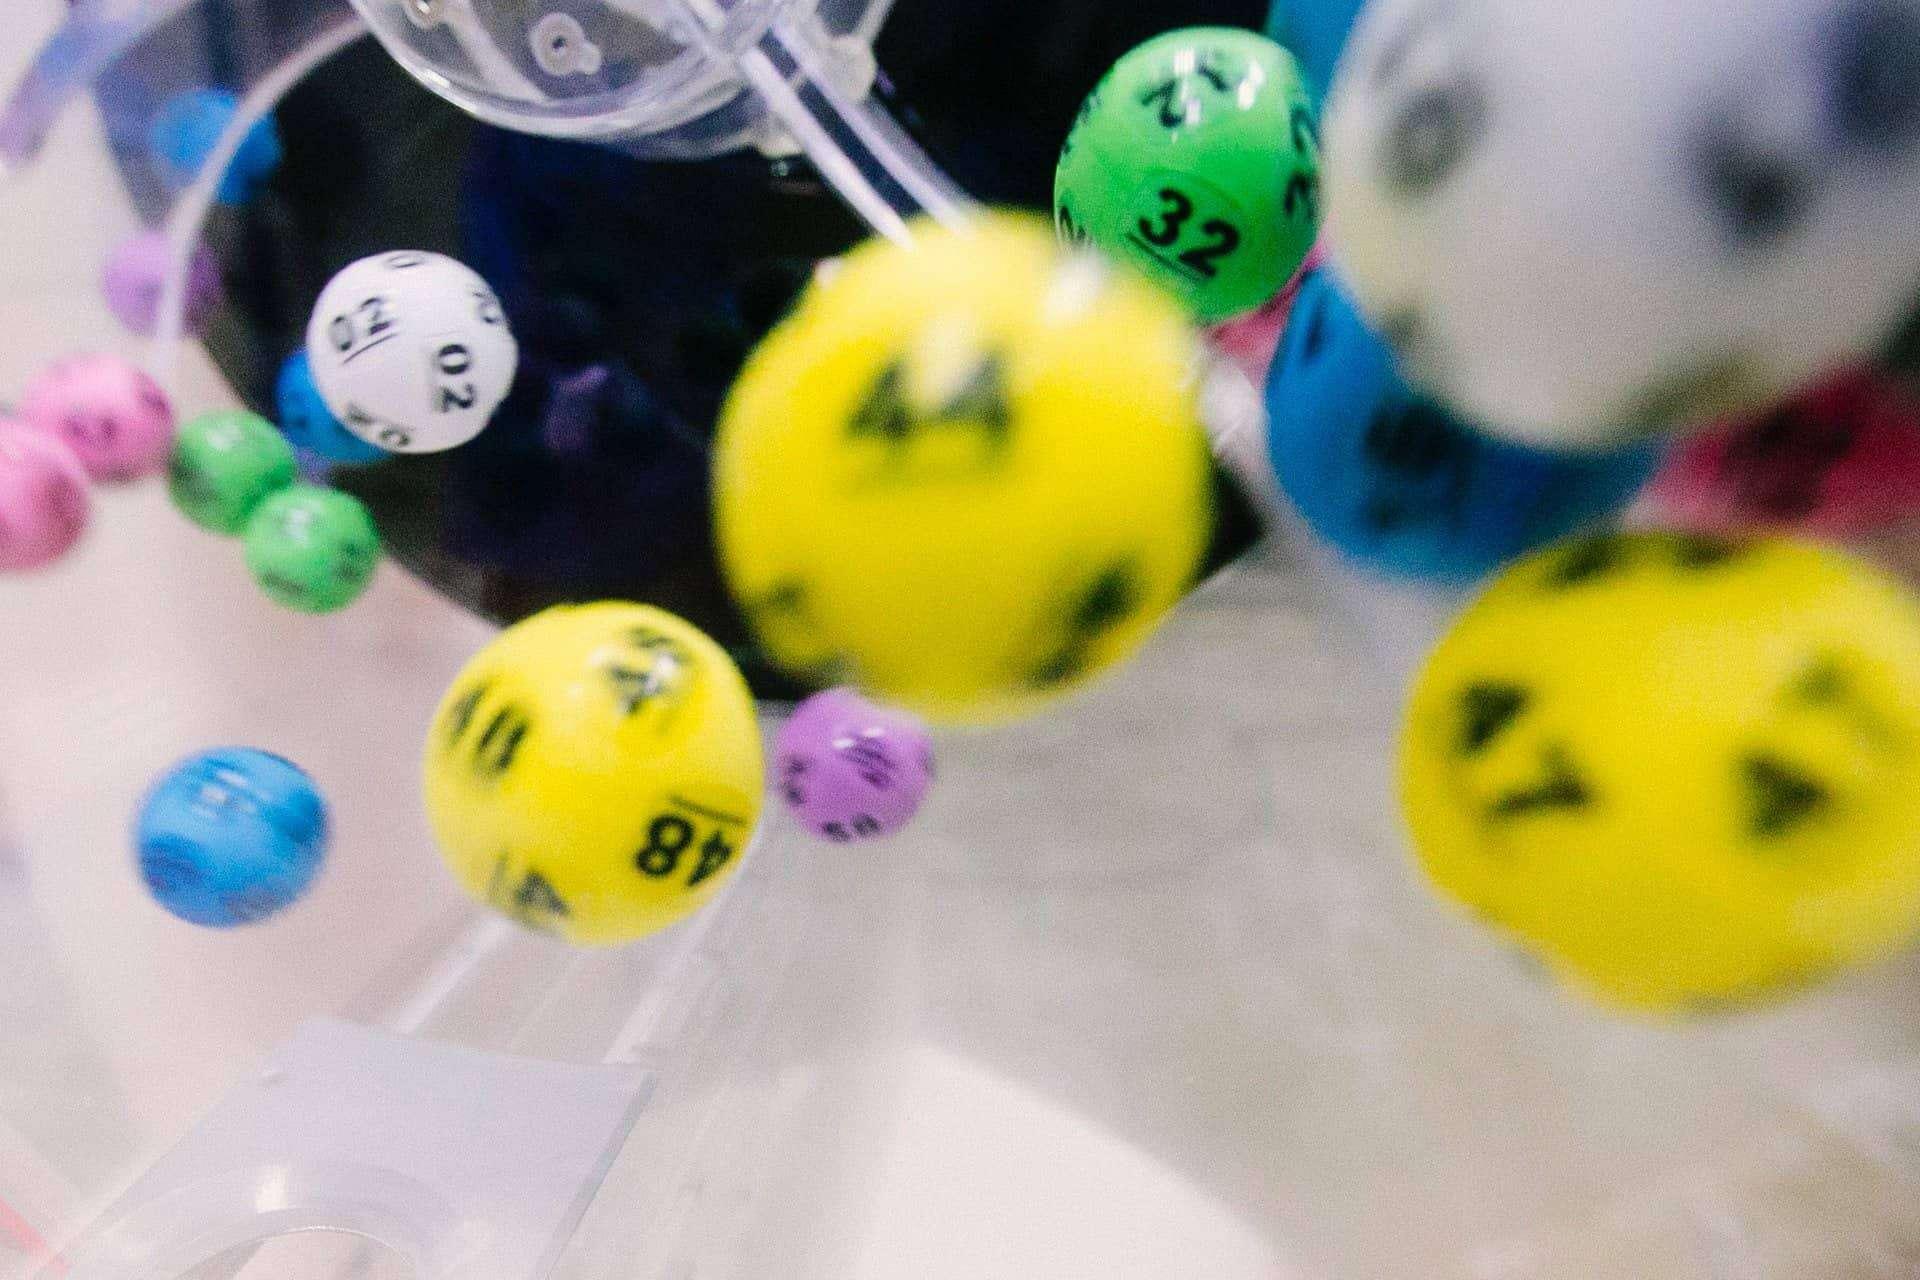 Una mujer lavó por accidente el boleto ganador de la lotería y perdió un premio de 26 millones de dólares